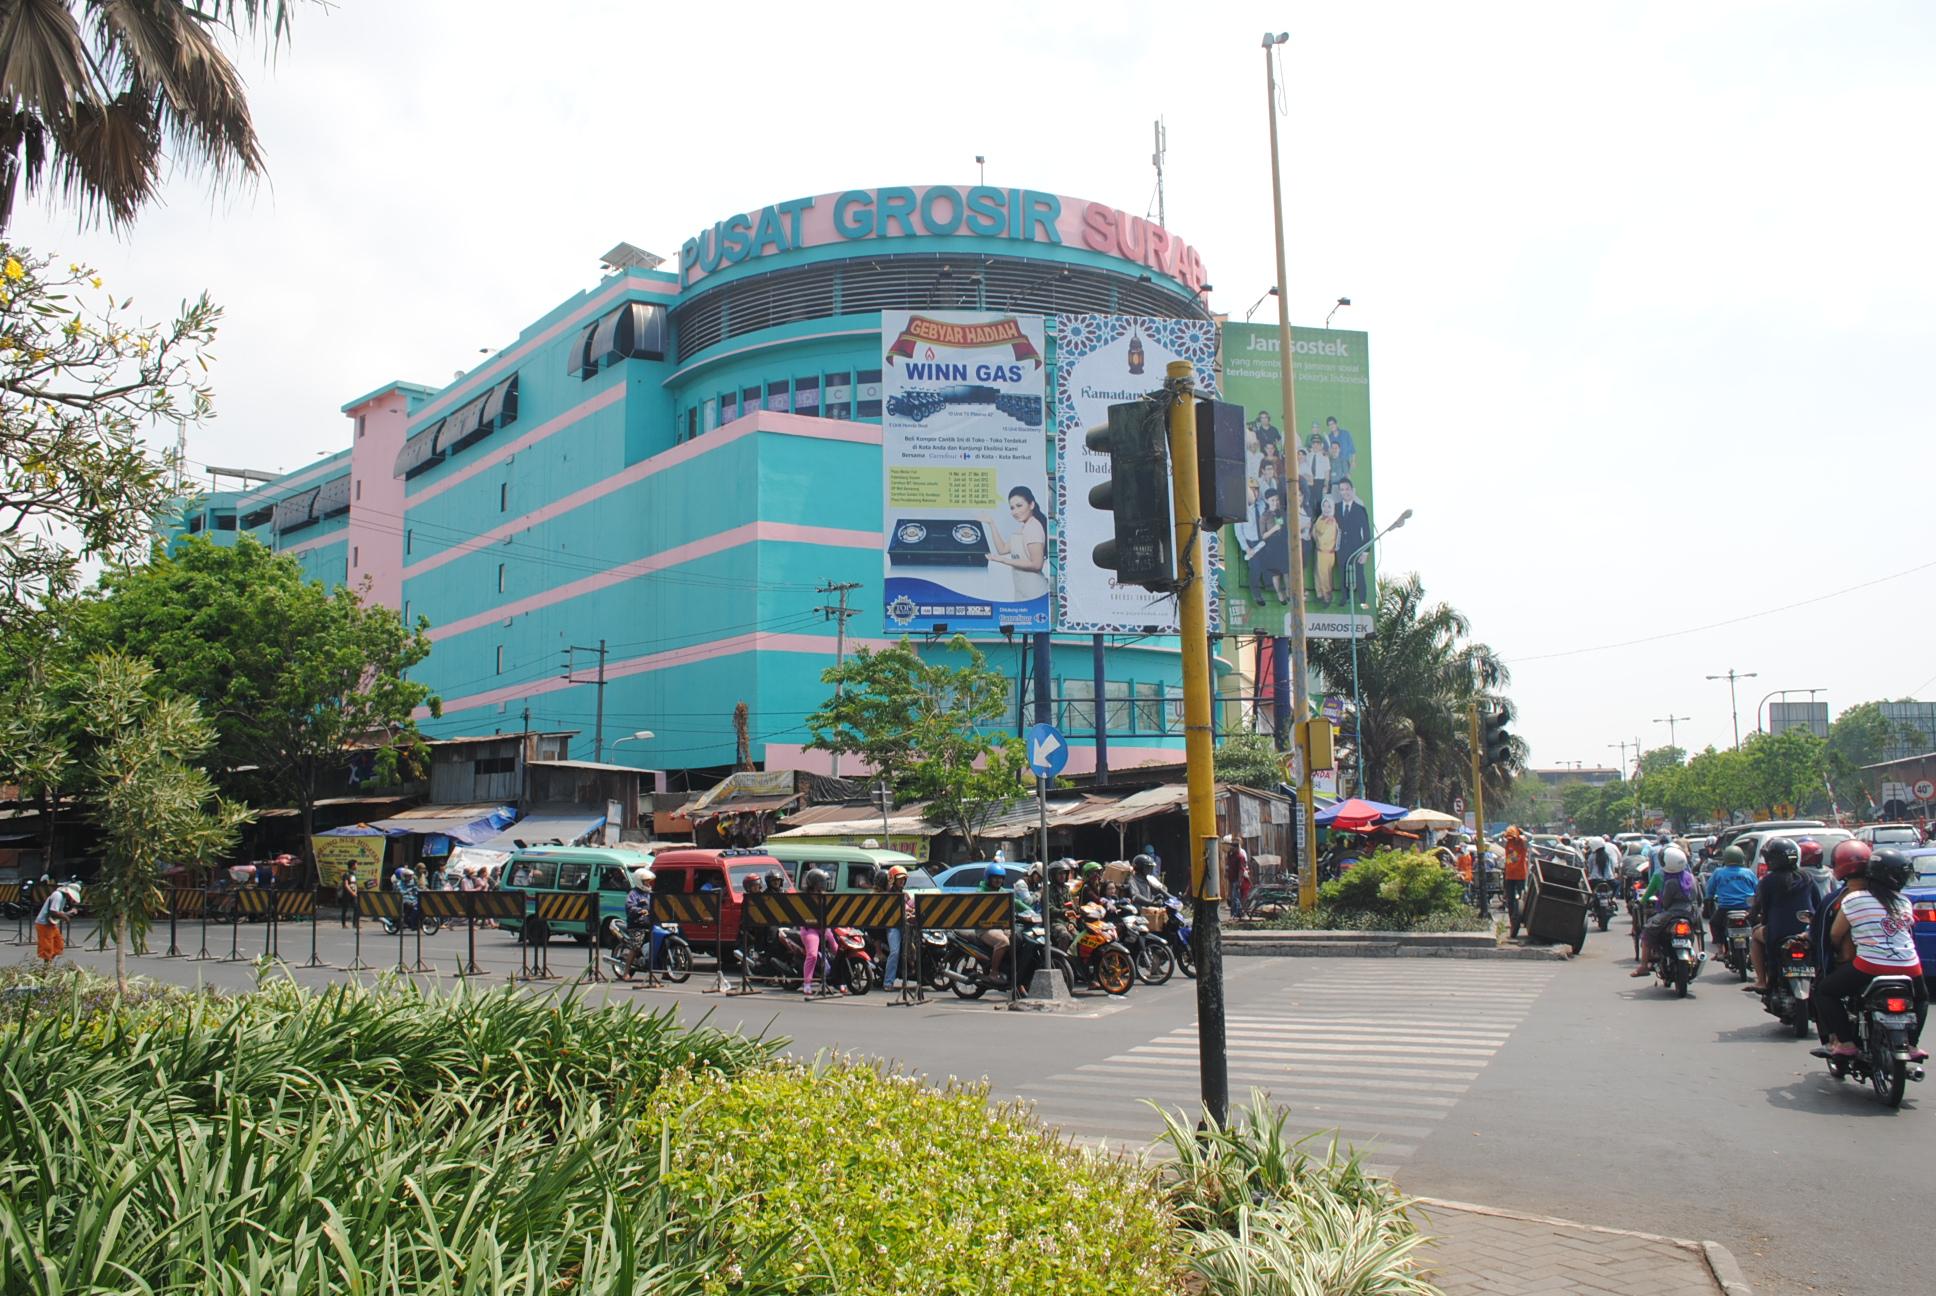 jalan-jalan, belanja surabaya, jalan-jalan wisata belanja, jalan-jalan wisata belanja di surabaya jalan jalan wisata belanja via tokogrosir - Dolan Dolen